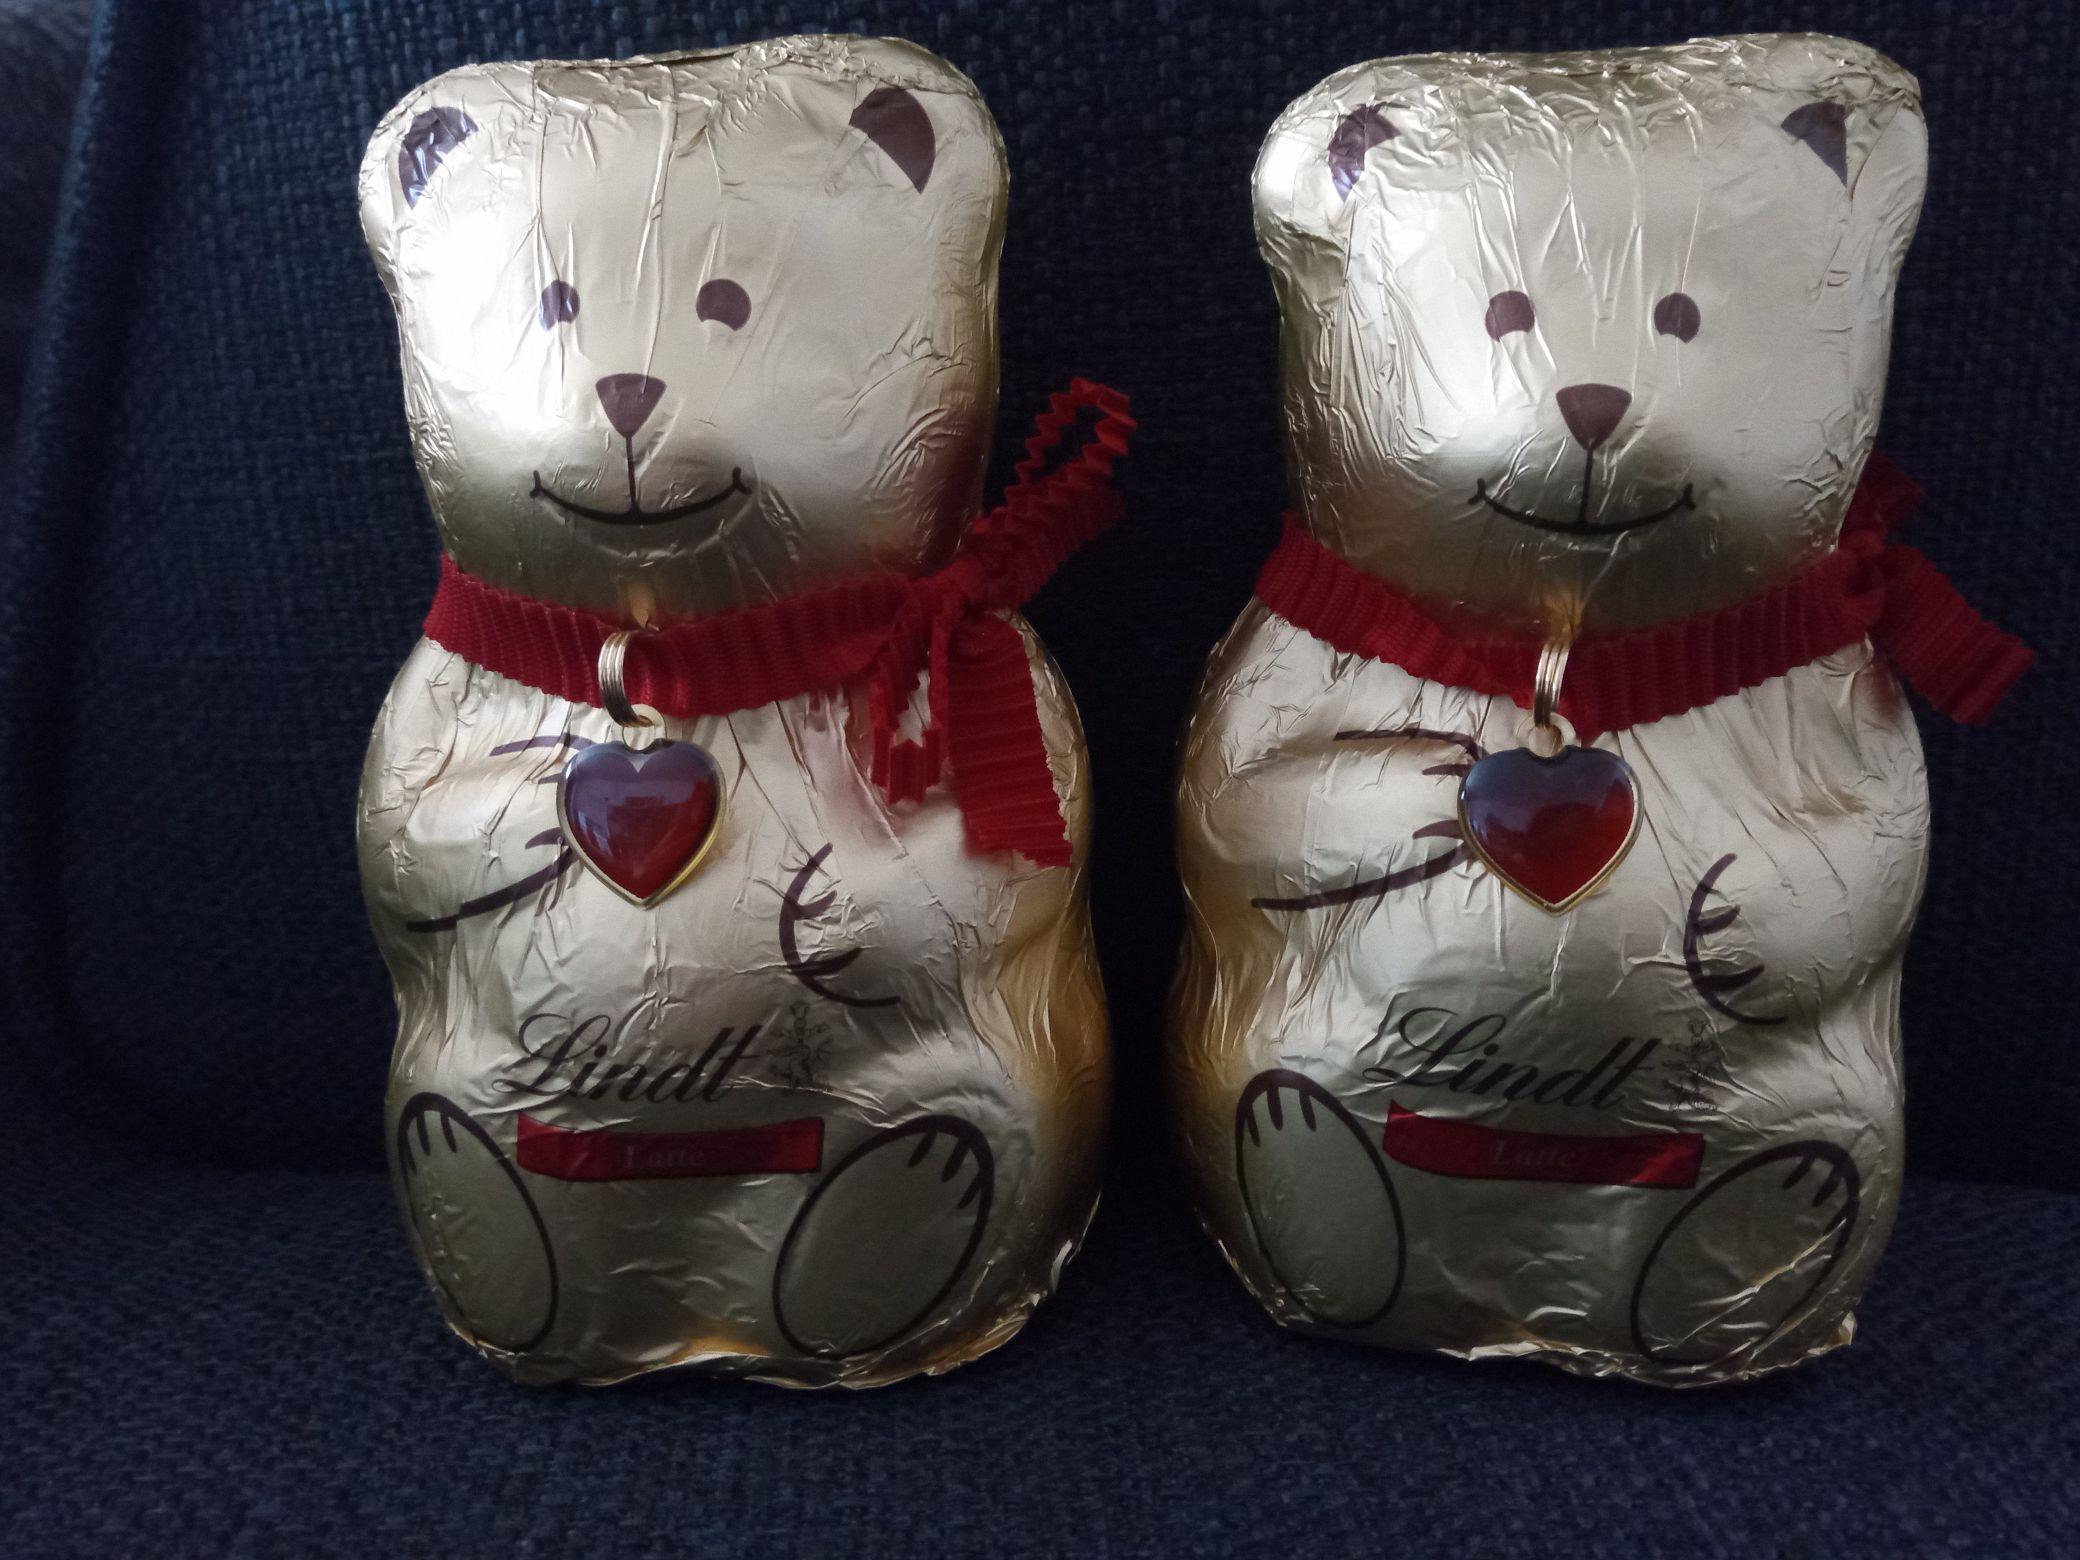 2 Lindt teddy beertjes voor €1 (normaal €2,99 voor 1) @ Die Grenze